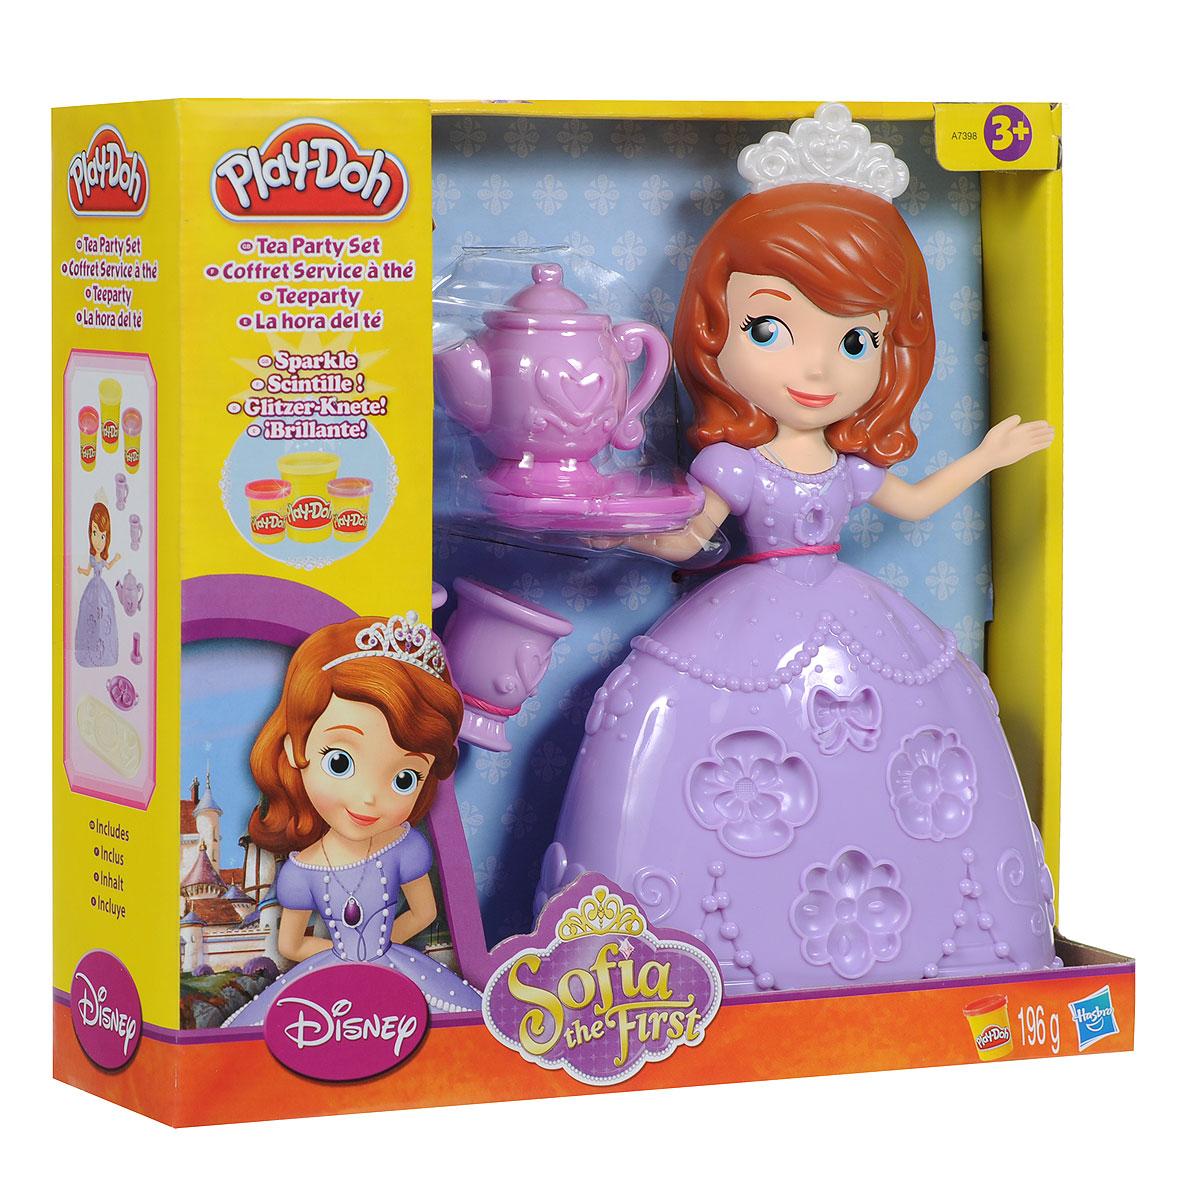 Play-Doh Игровой набор Tea Party Set, с пластилином